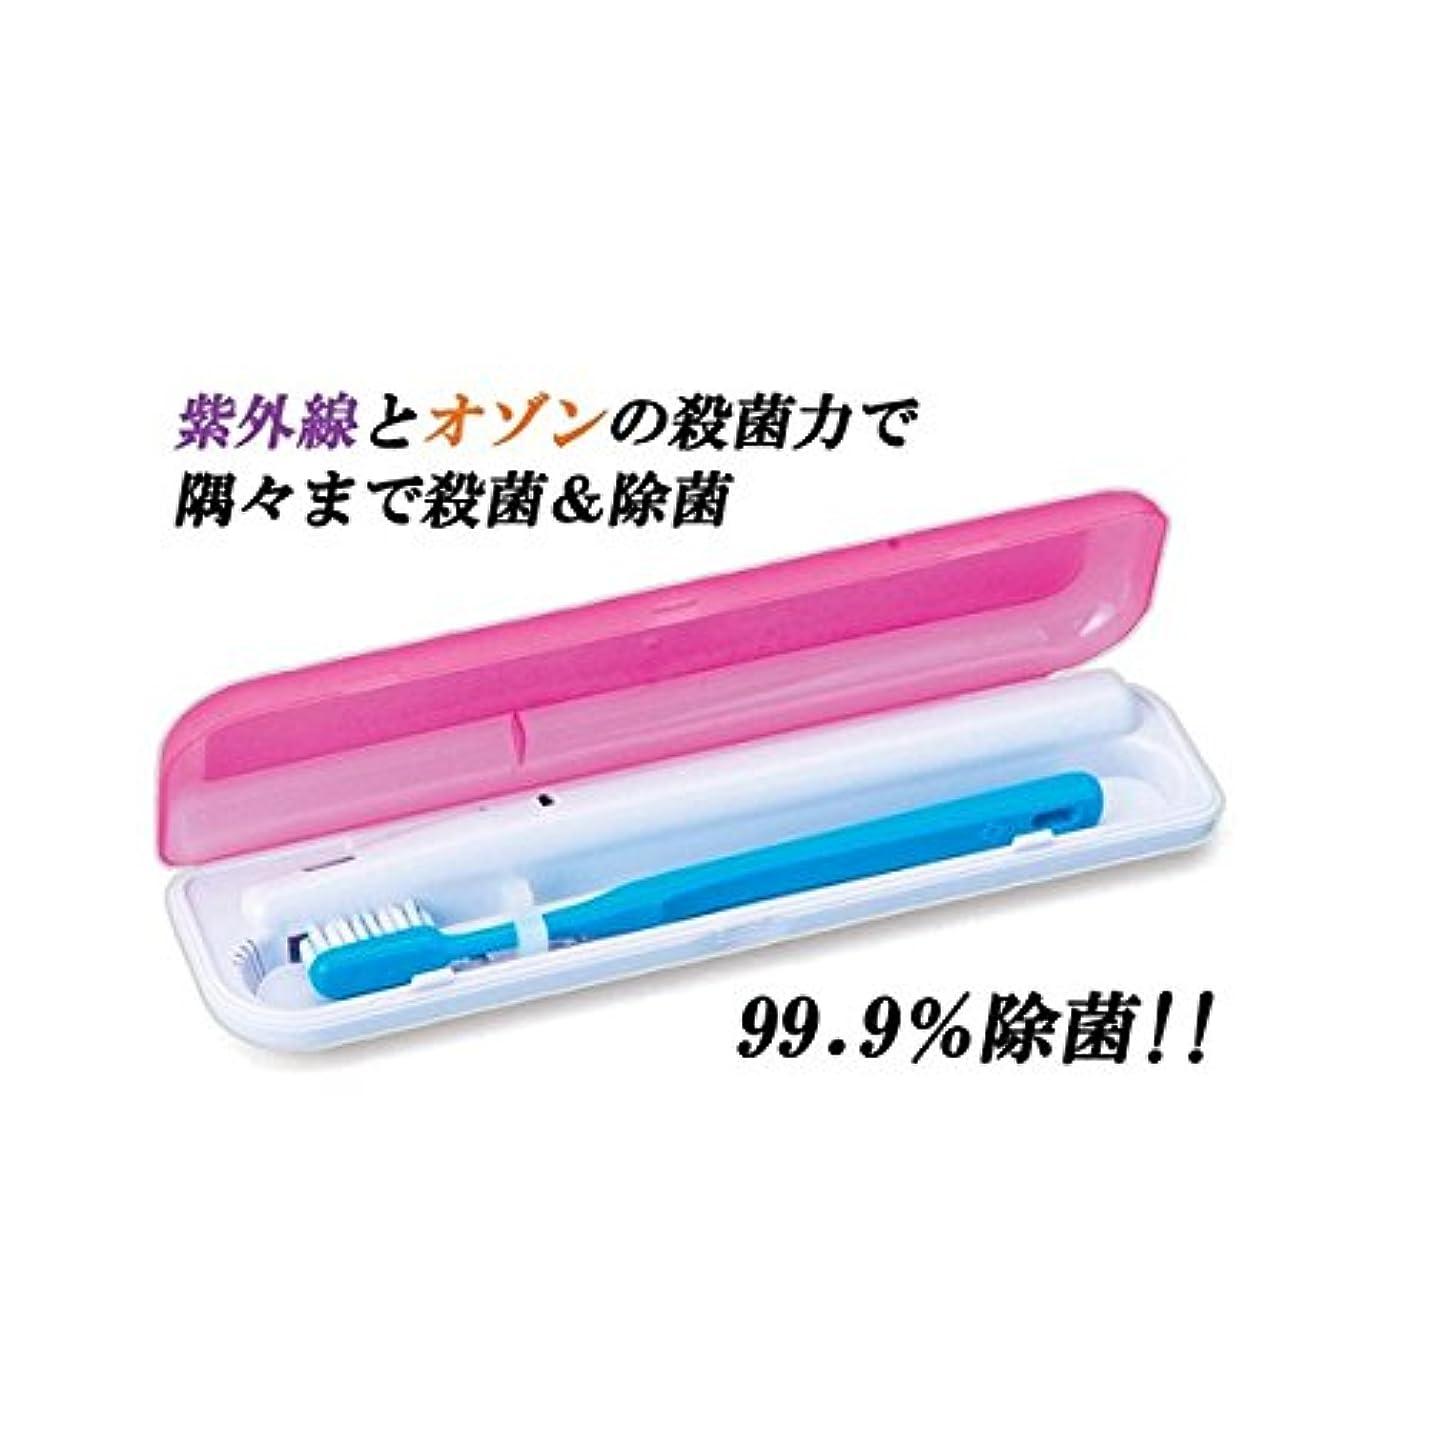 該当する研究研磨除菌歯ブラシ携帯ケース